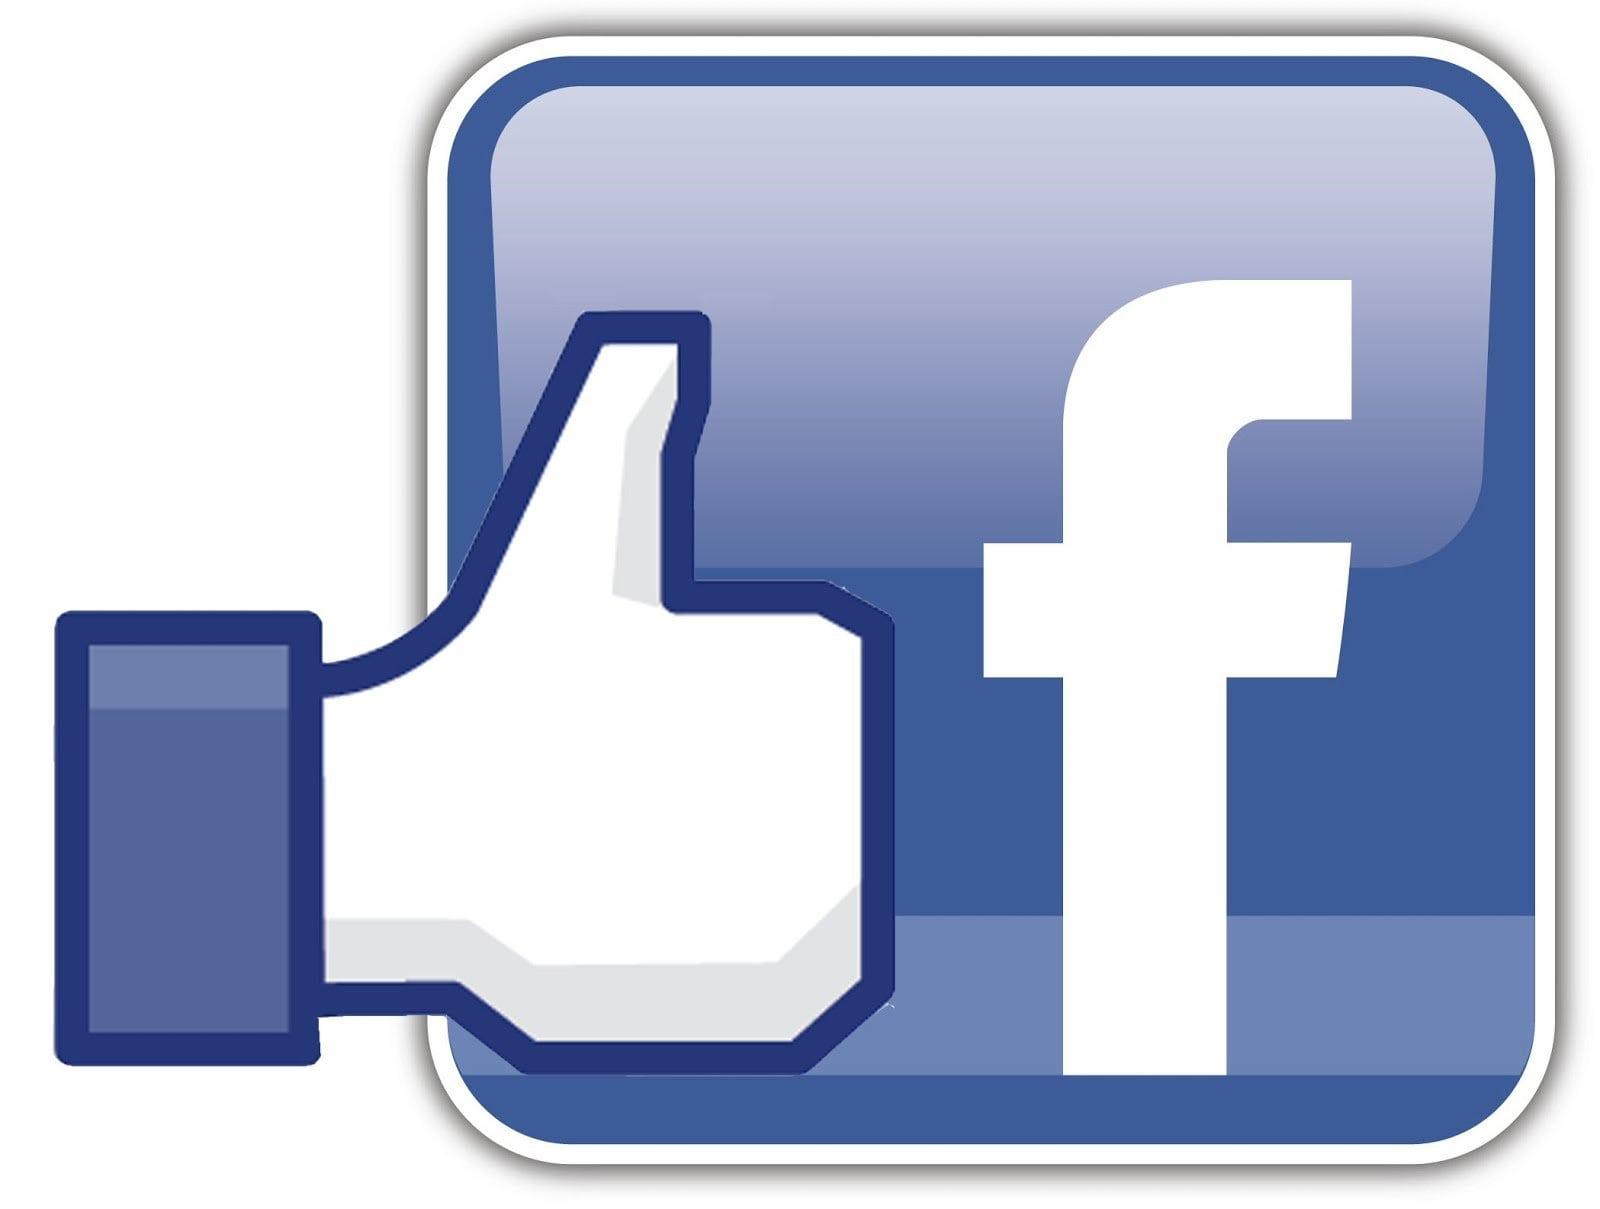 בקרו אותנו בפייסבוק